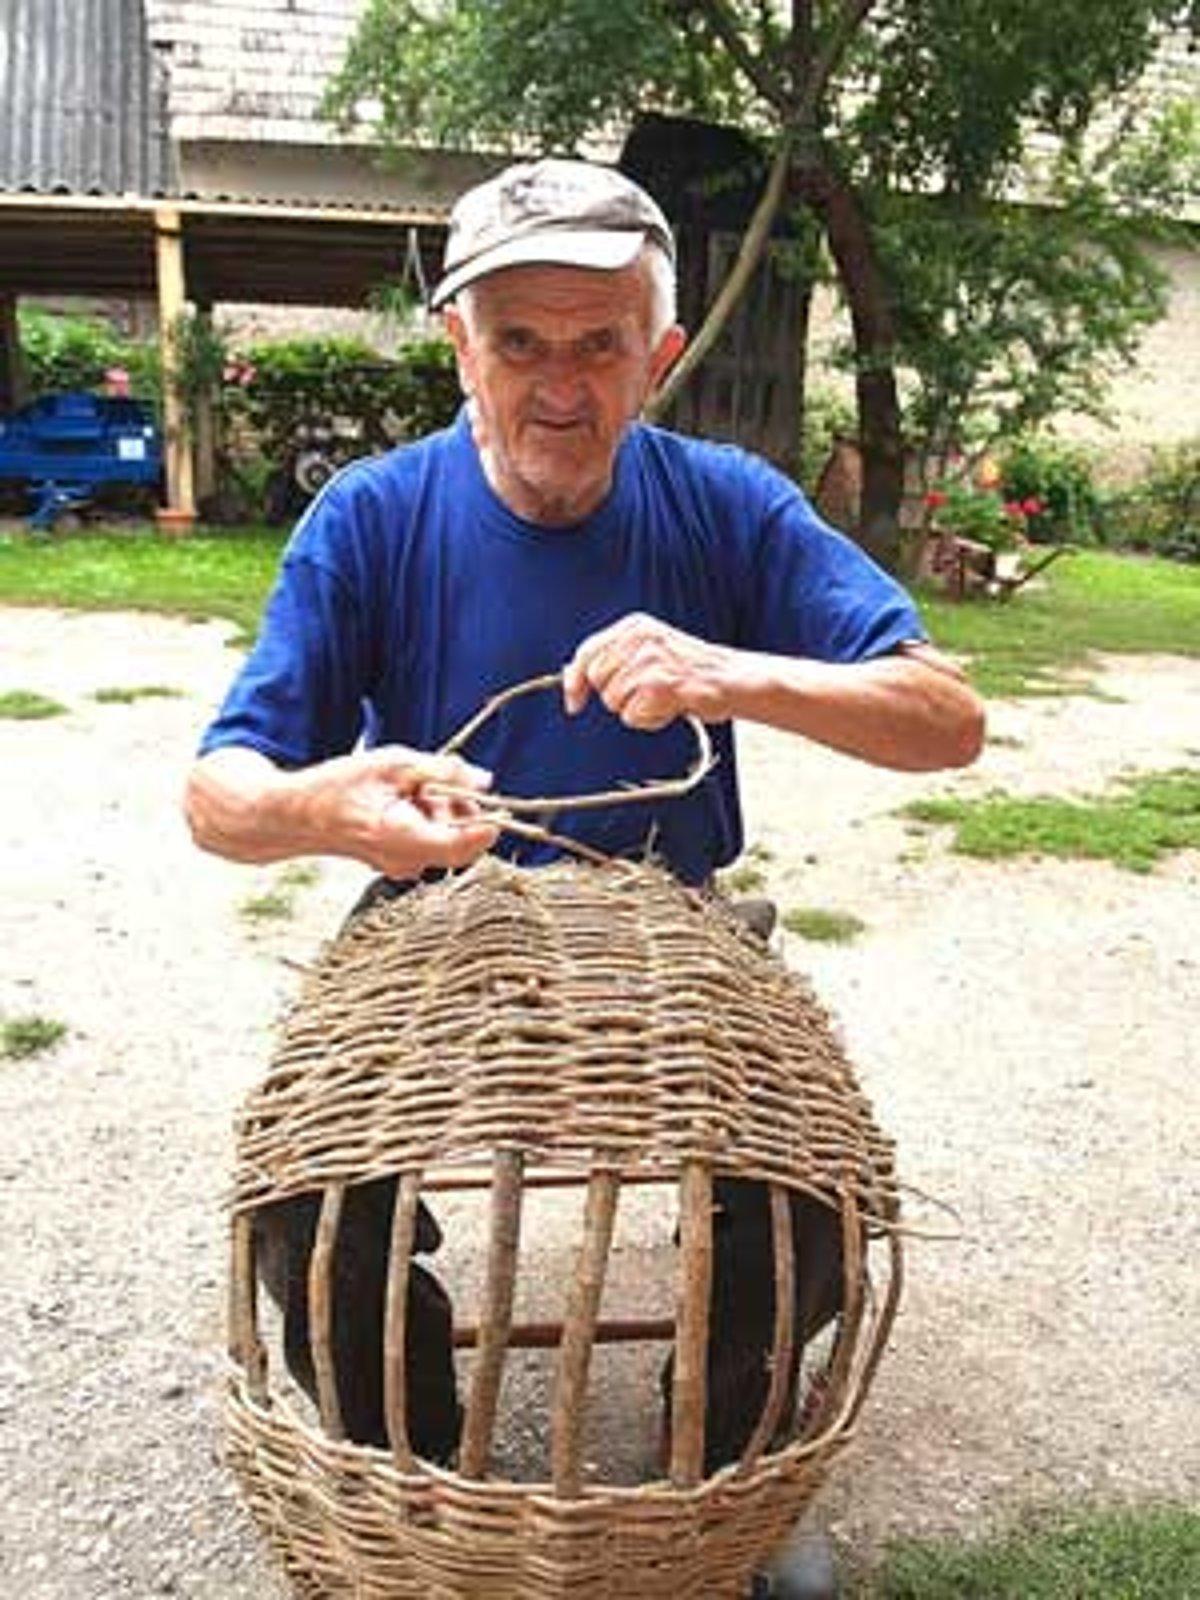 0f86ee352 Pletenie košíkov si vyžaduje trpezlivosť. Ján upletie jeden košík za dva  dni.